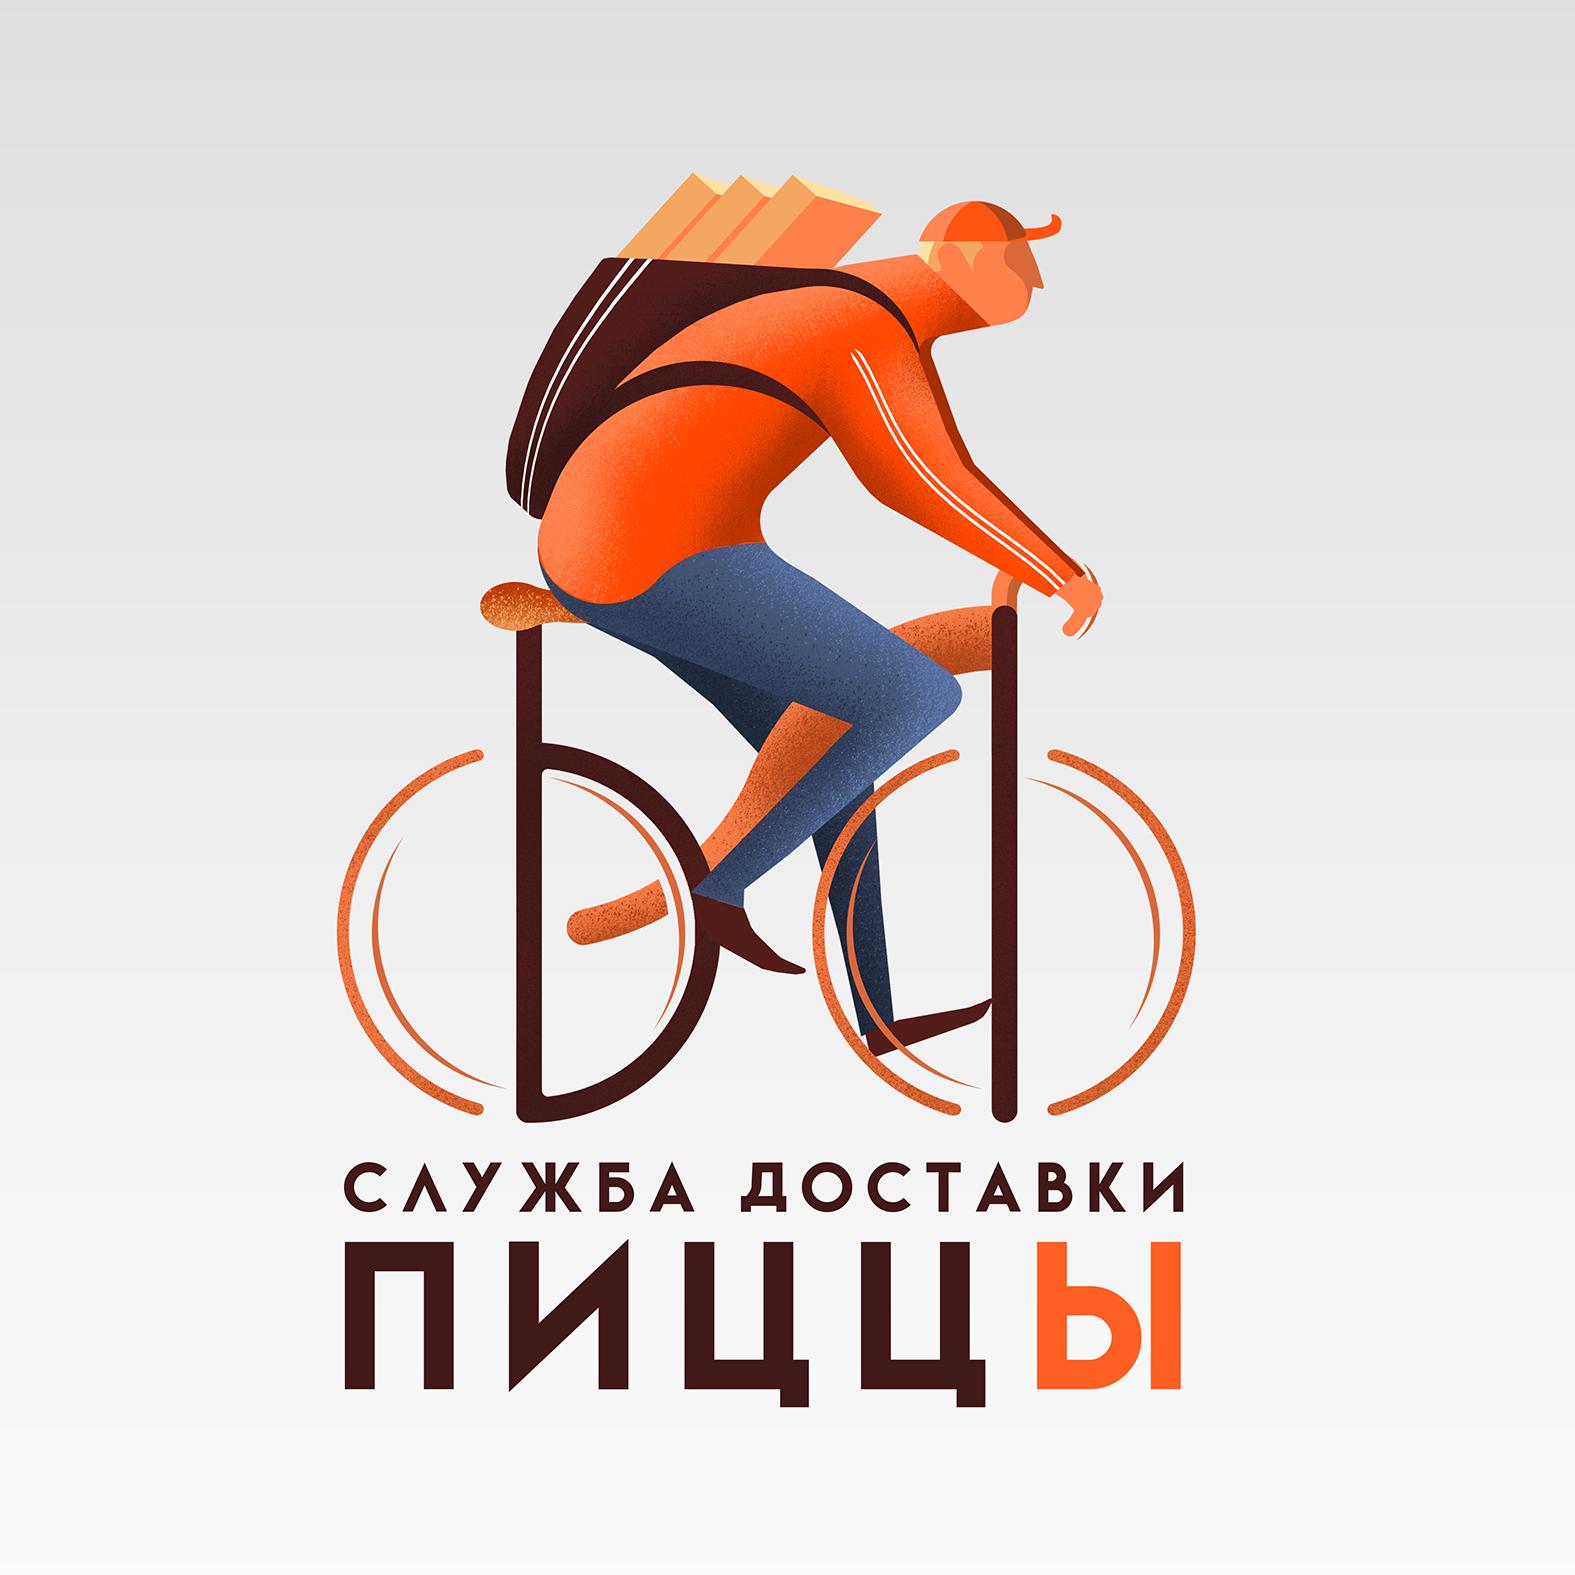 Разыскивается дизайнер для разработки лого службы доставки фото f_9435c35e43134955.png